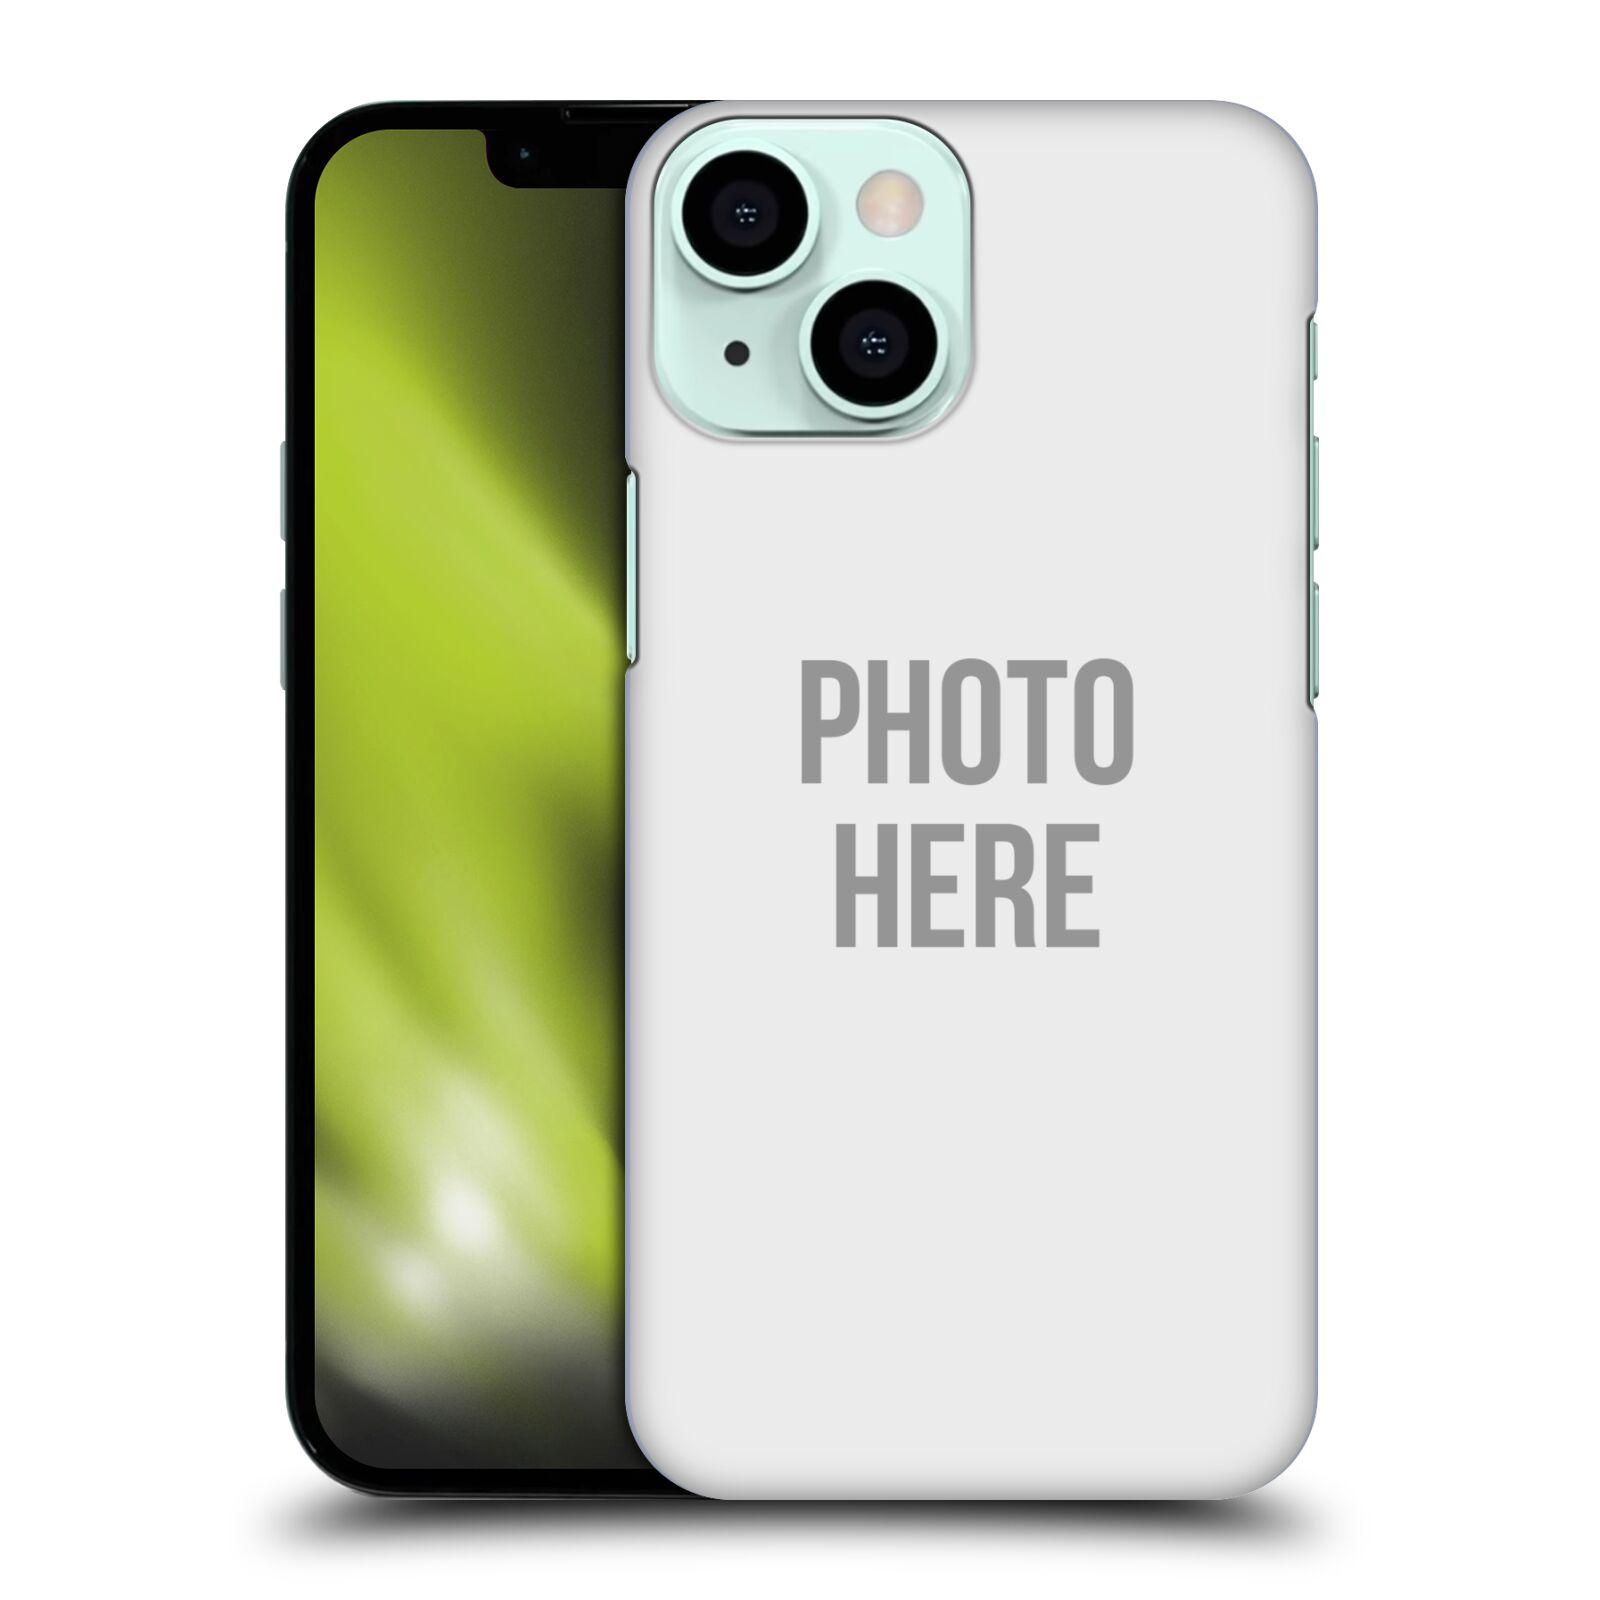 Plastové pouzdro na mobil Apple iPhone 13 Mini s vlastním motivem